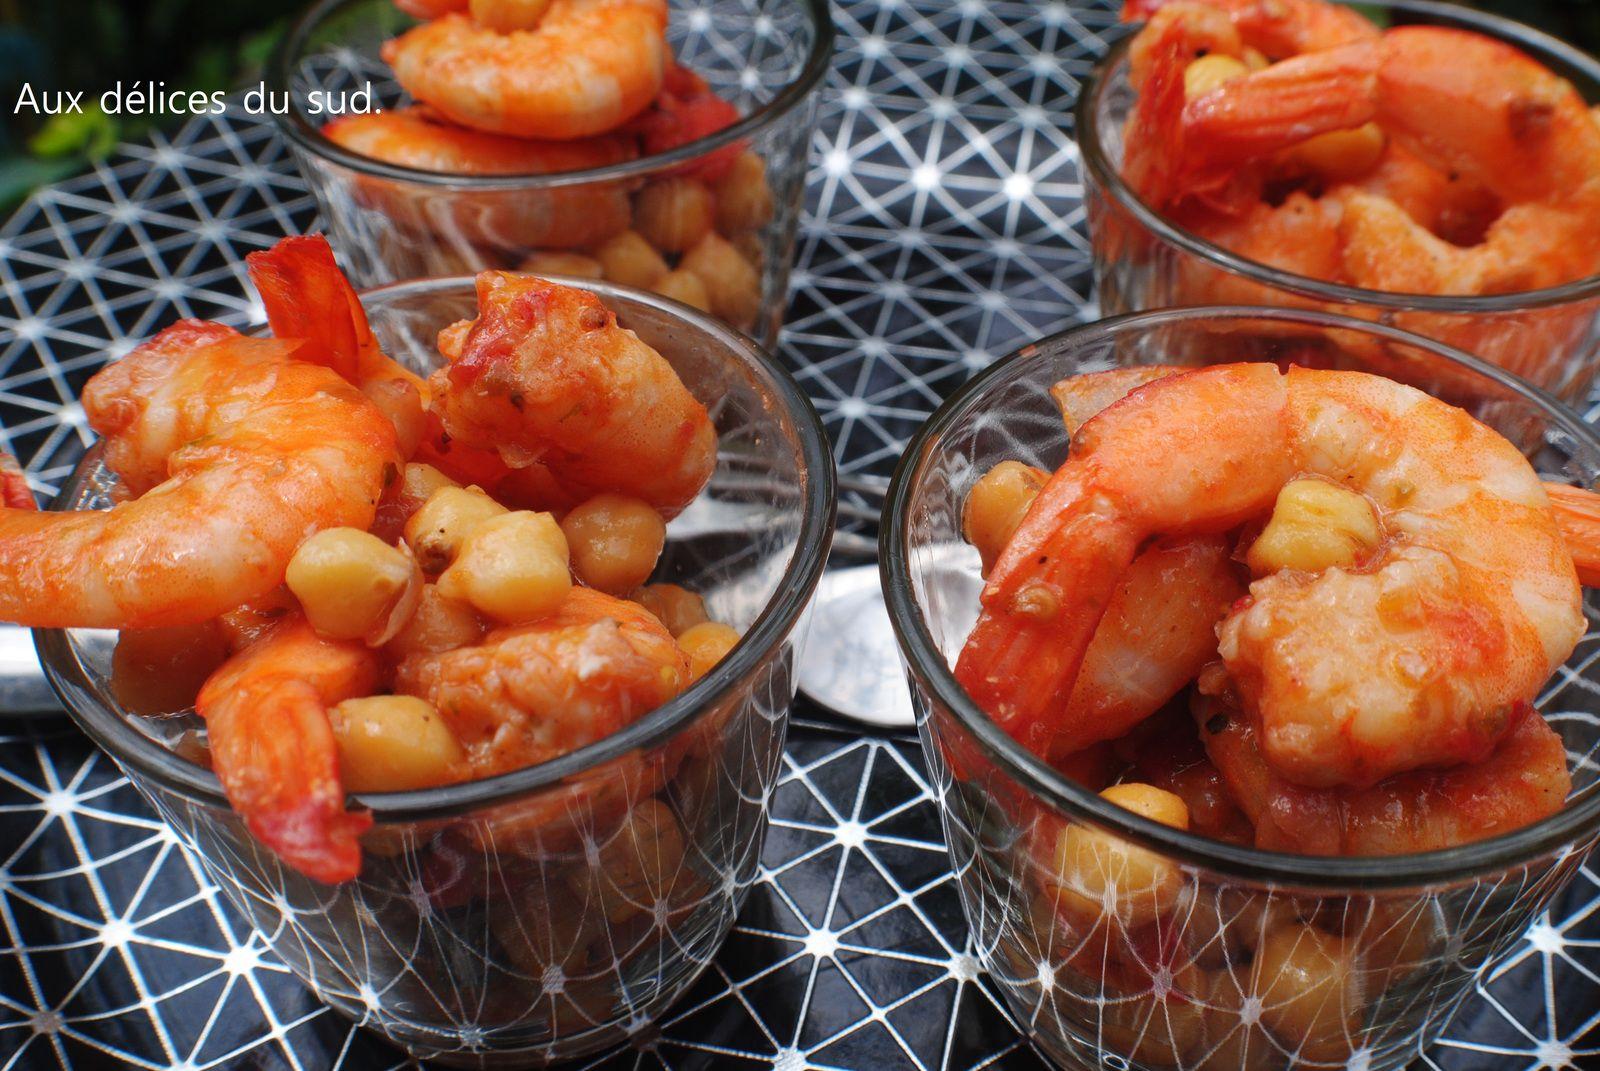 Crevettes à l'aigre-douce aux pois chiches , pour apéro dinatoire .